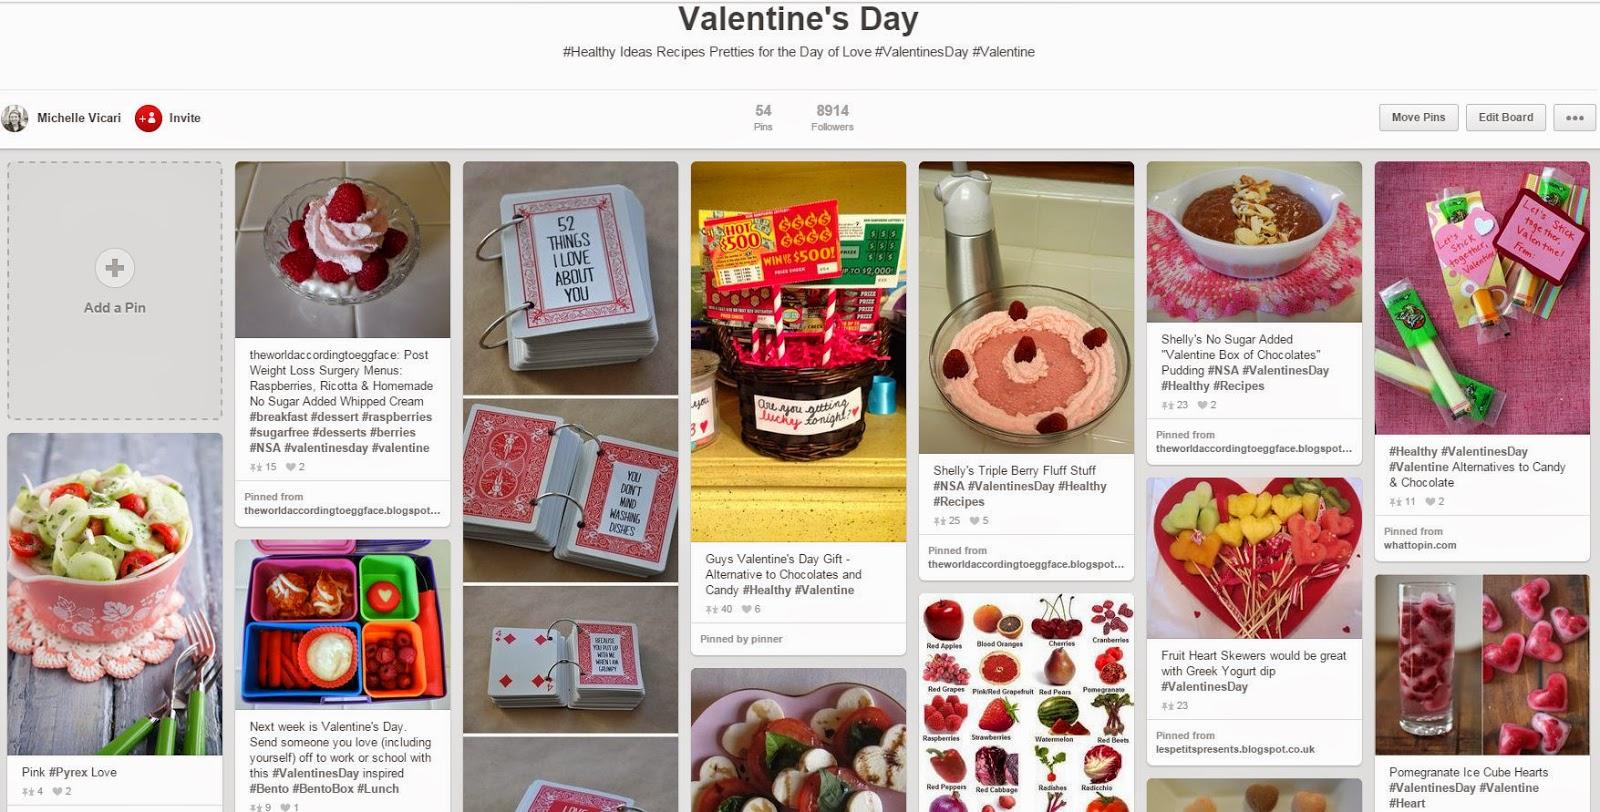 Eggface%2BValentine%2BPinterest%2BPage Weight Loss Recipes Eggface Valentines Day Pinterest Page